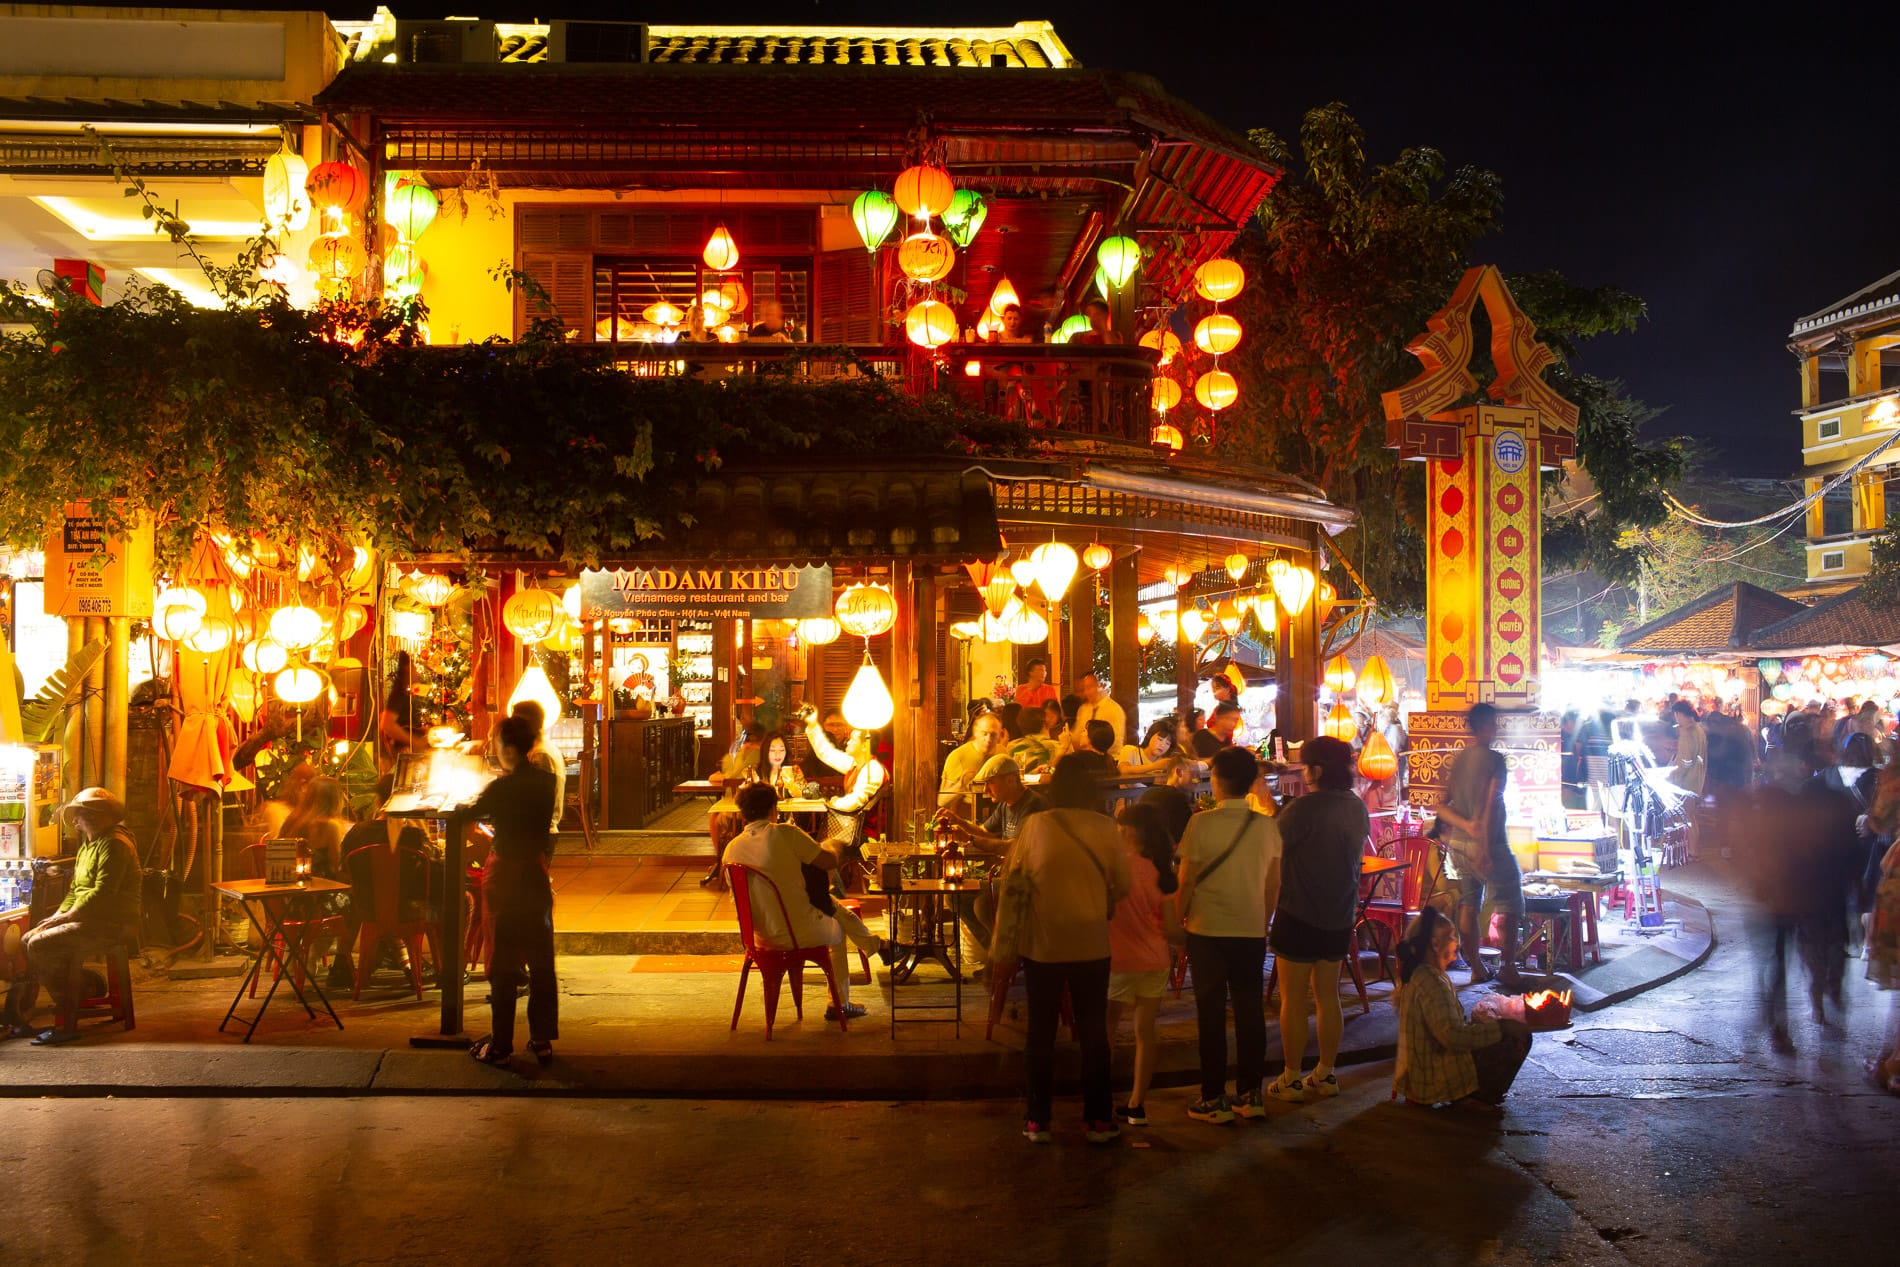 Outside seating at Madam Kieu Restaurant